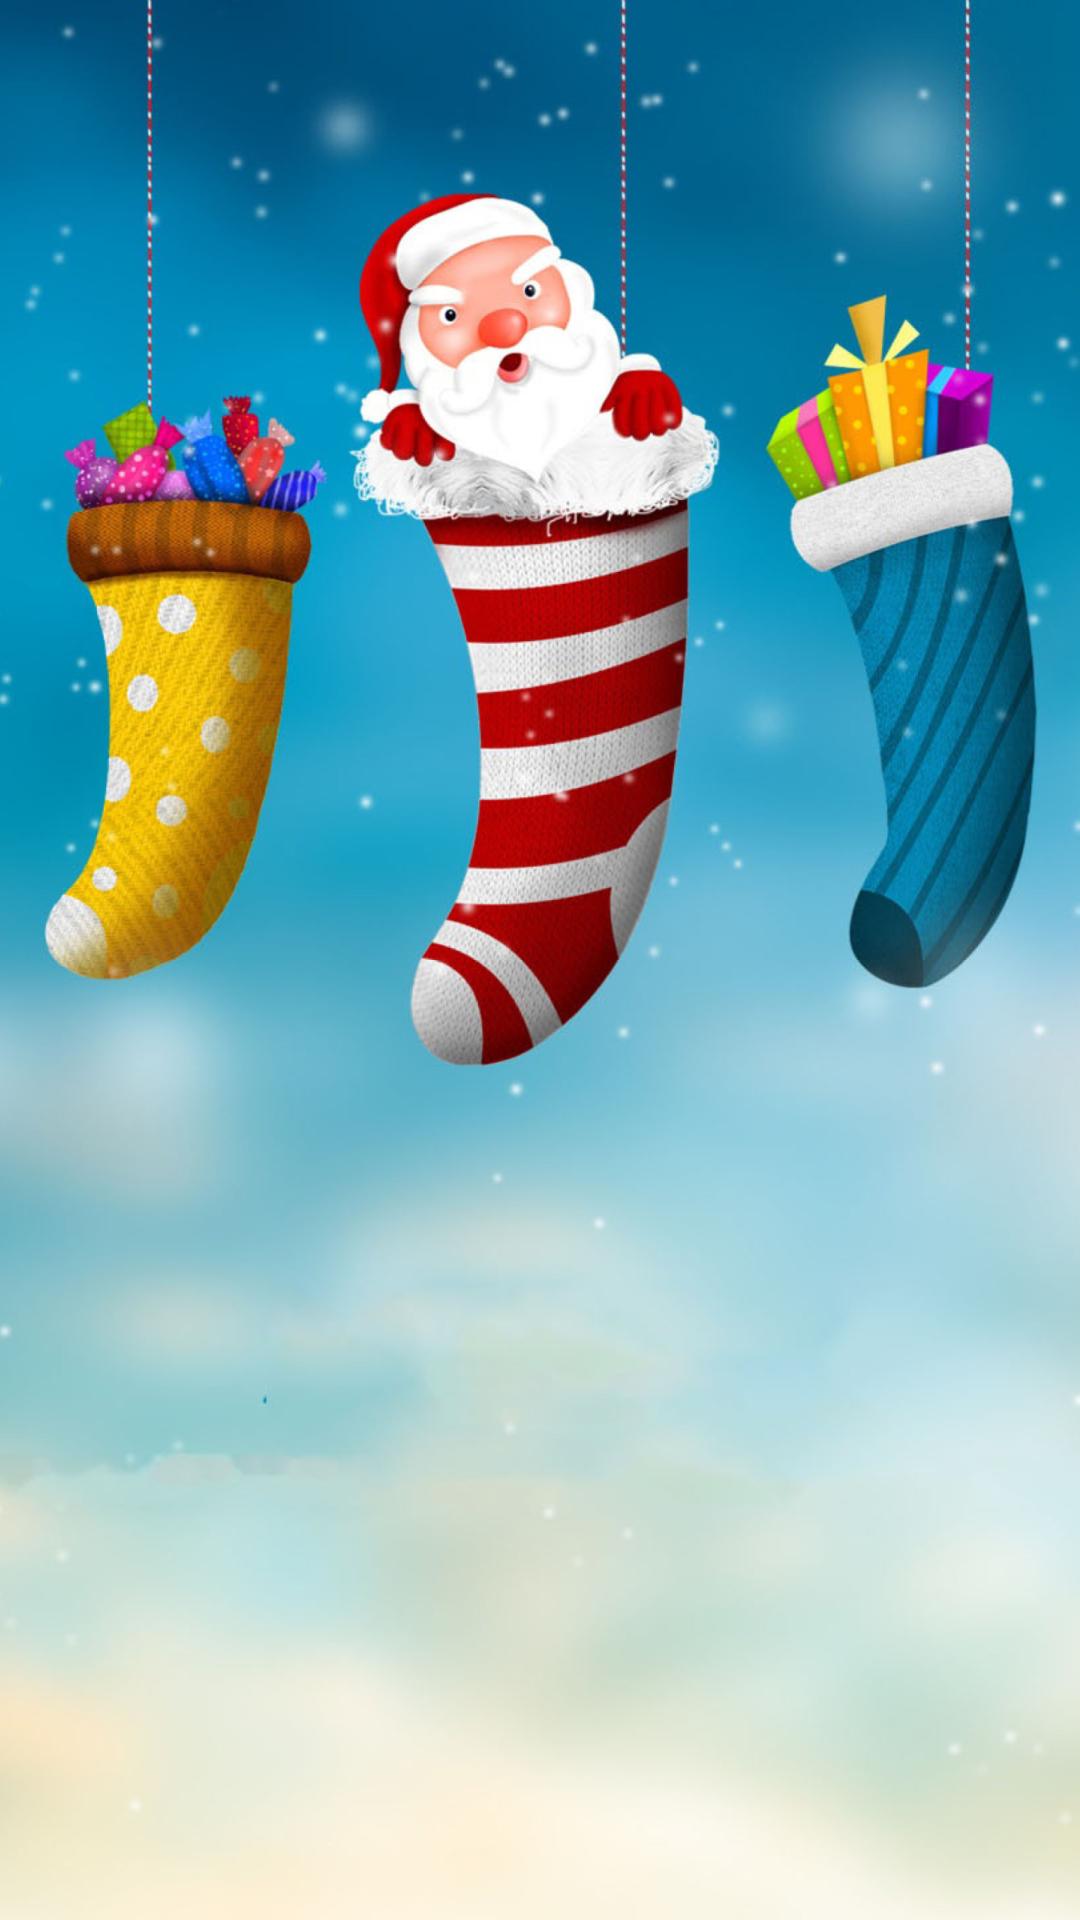 Веселые Новогодние Обои Для Айфона